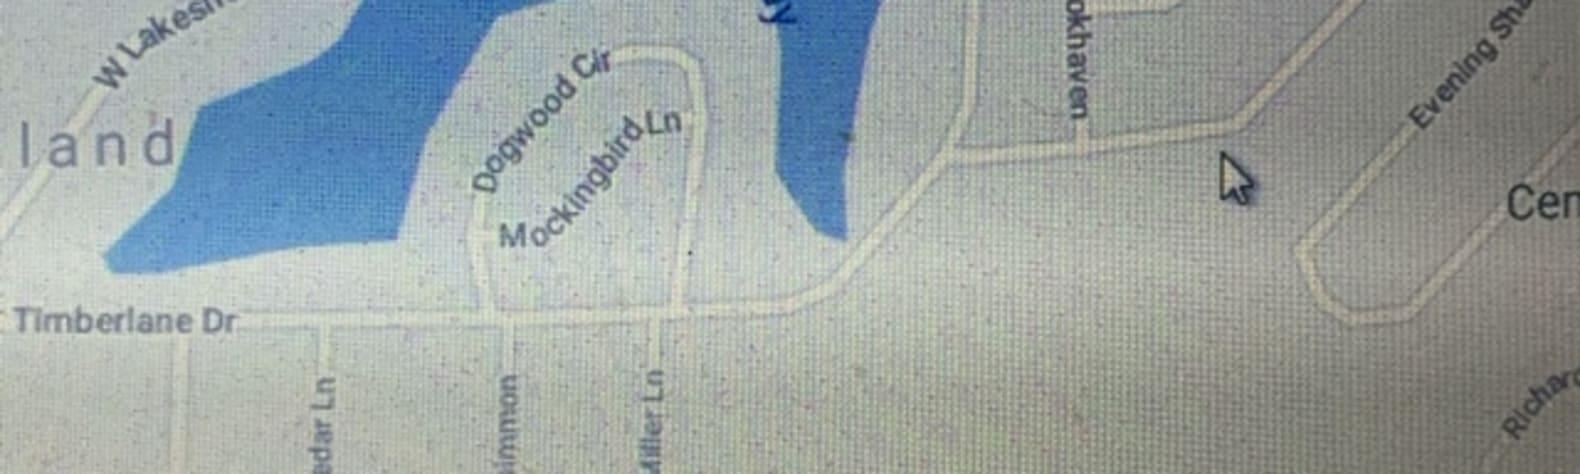 Eduardo V.'s Land